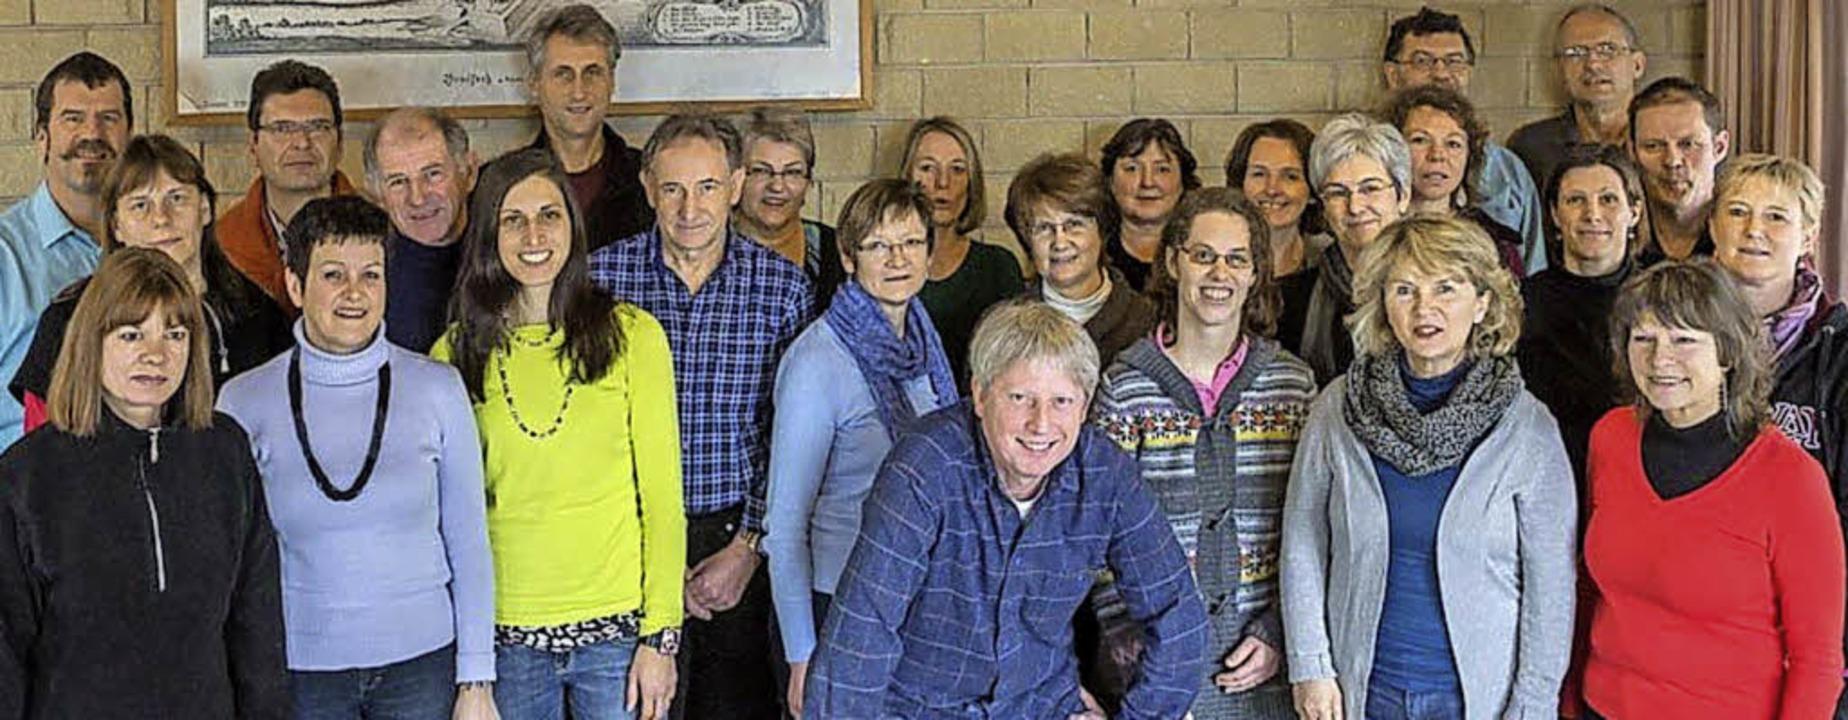 Drei neue Lieder studierte der Rockchor Ötlingen in Breisach ein.    Foto: Privat